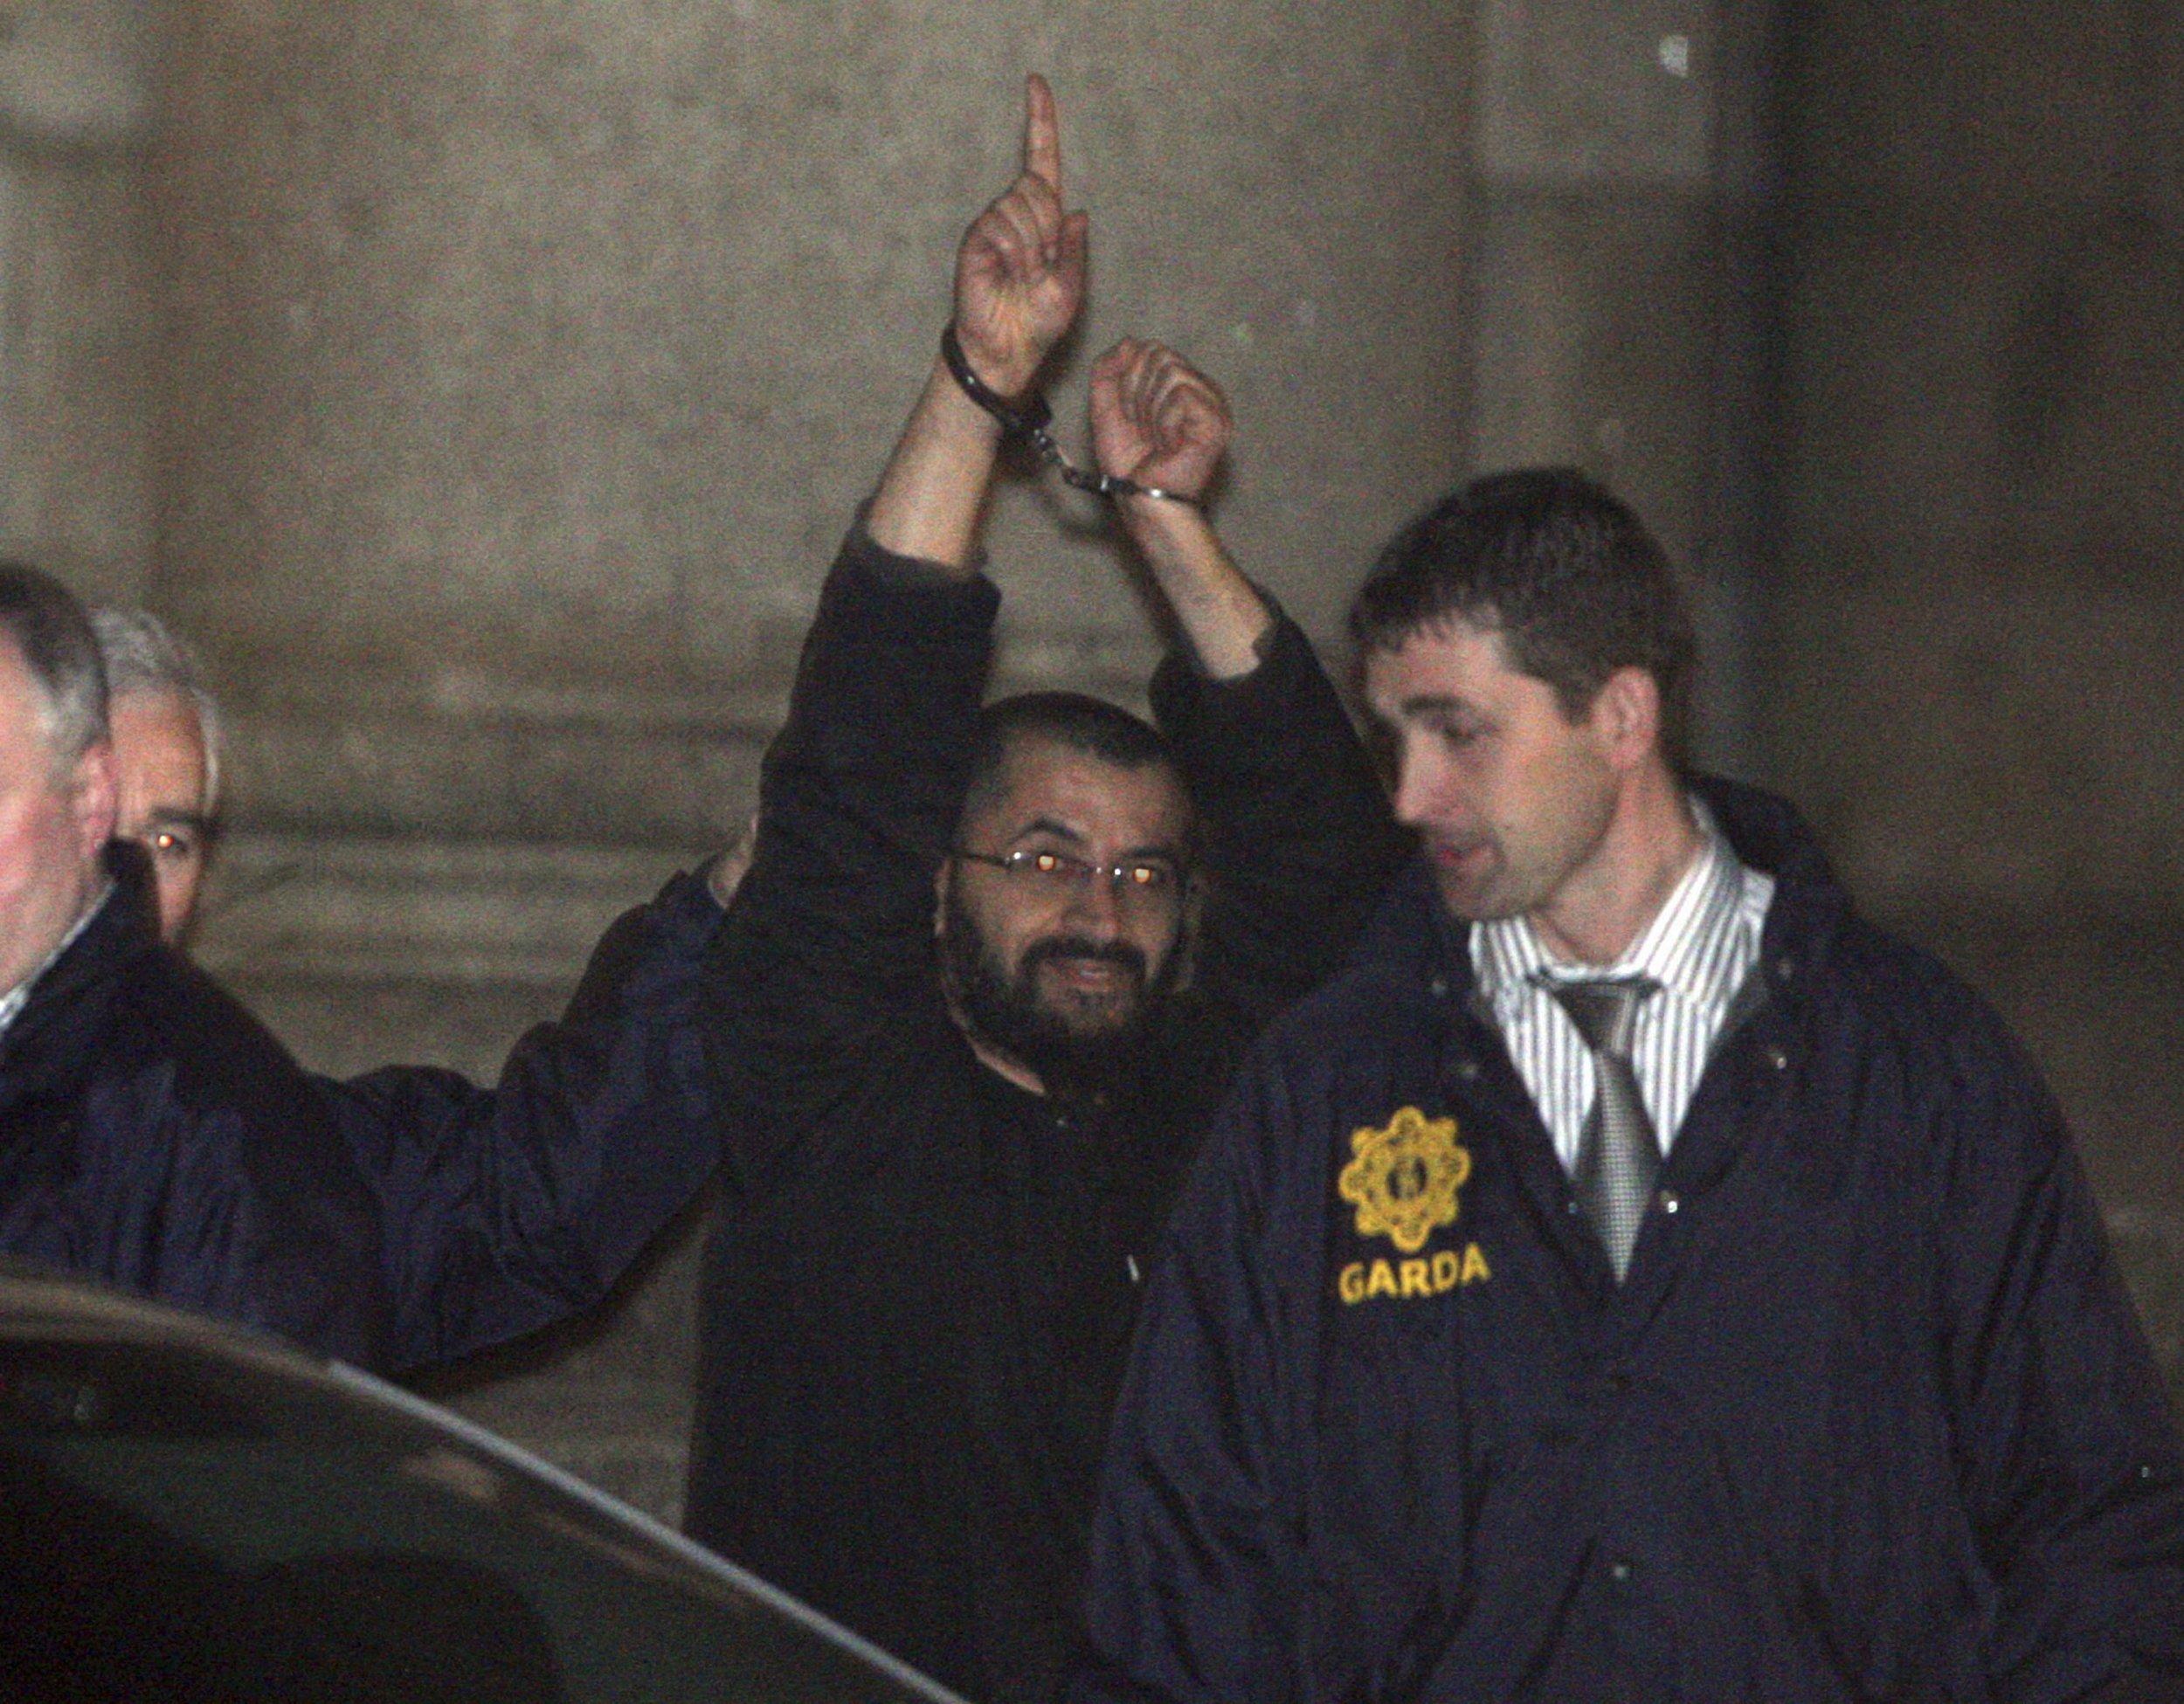 12_11_Spain_arrest